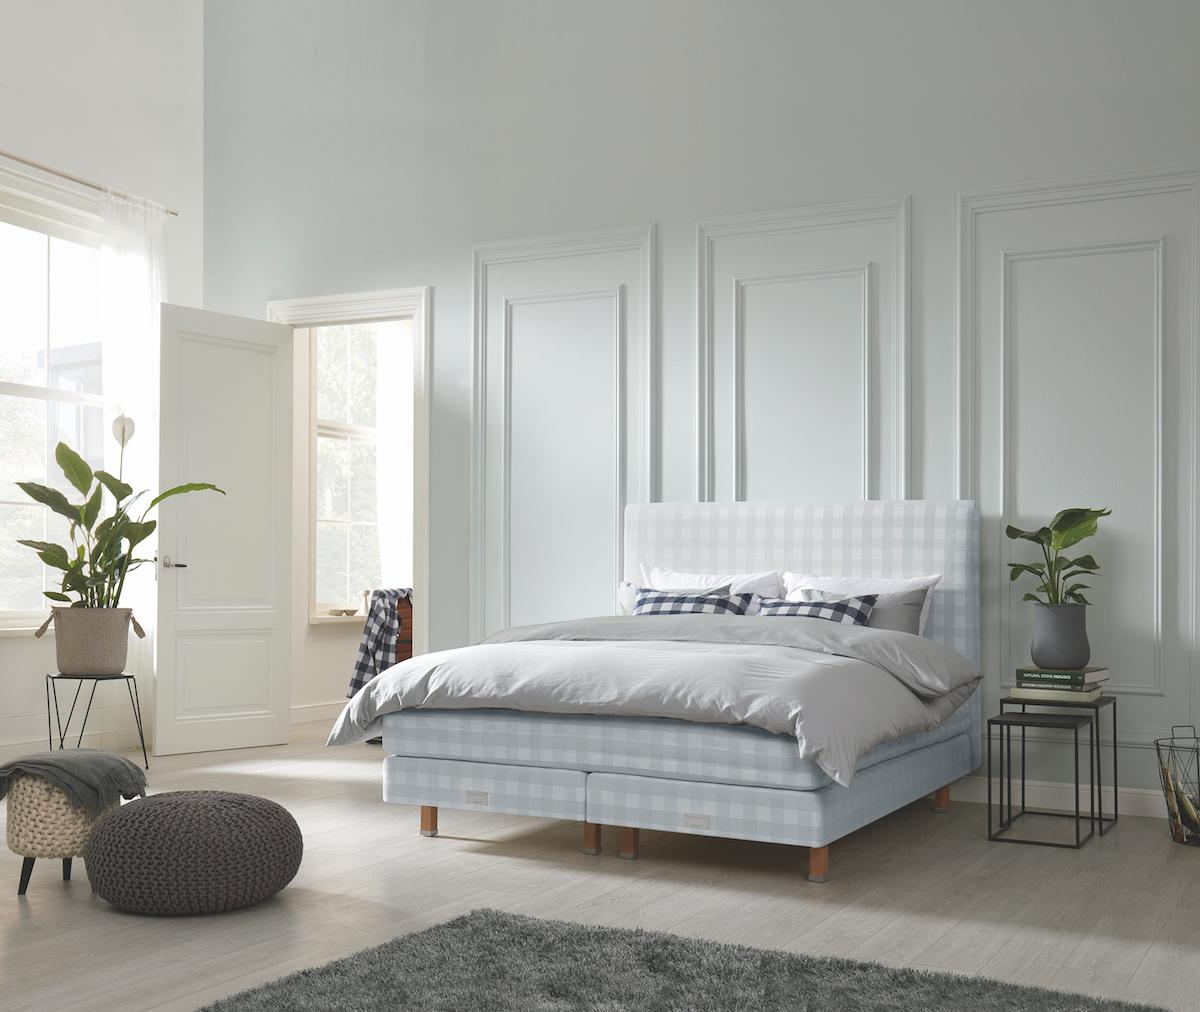 Das limitierte Luxus Bett von Premium-Hersteller Hästens - Proudmag.com